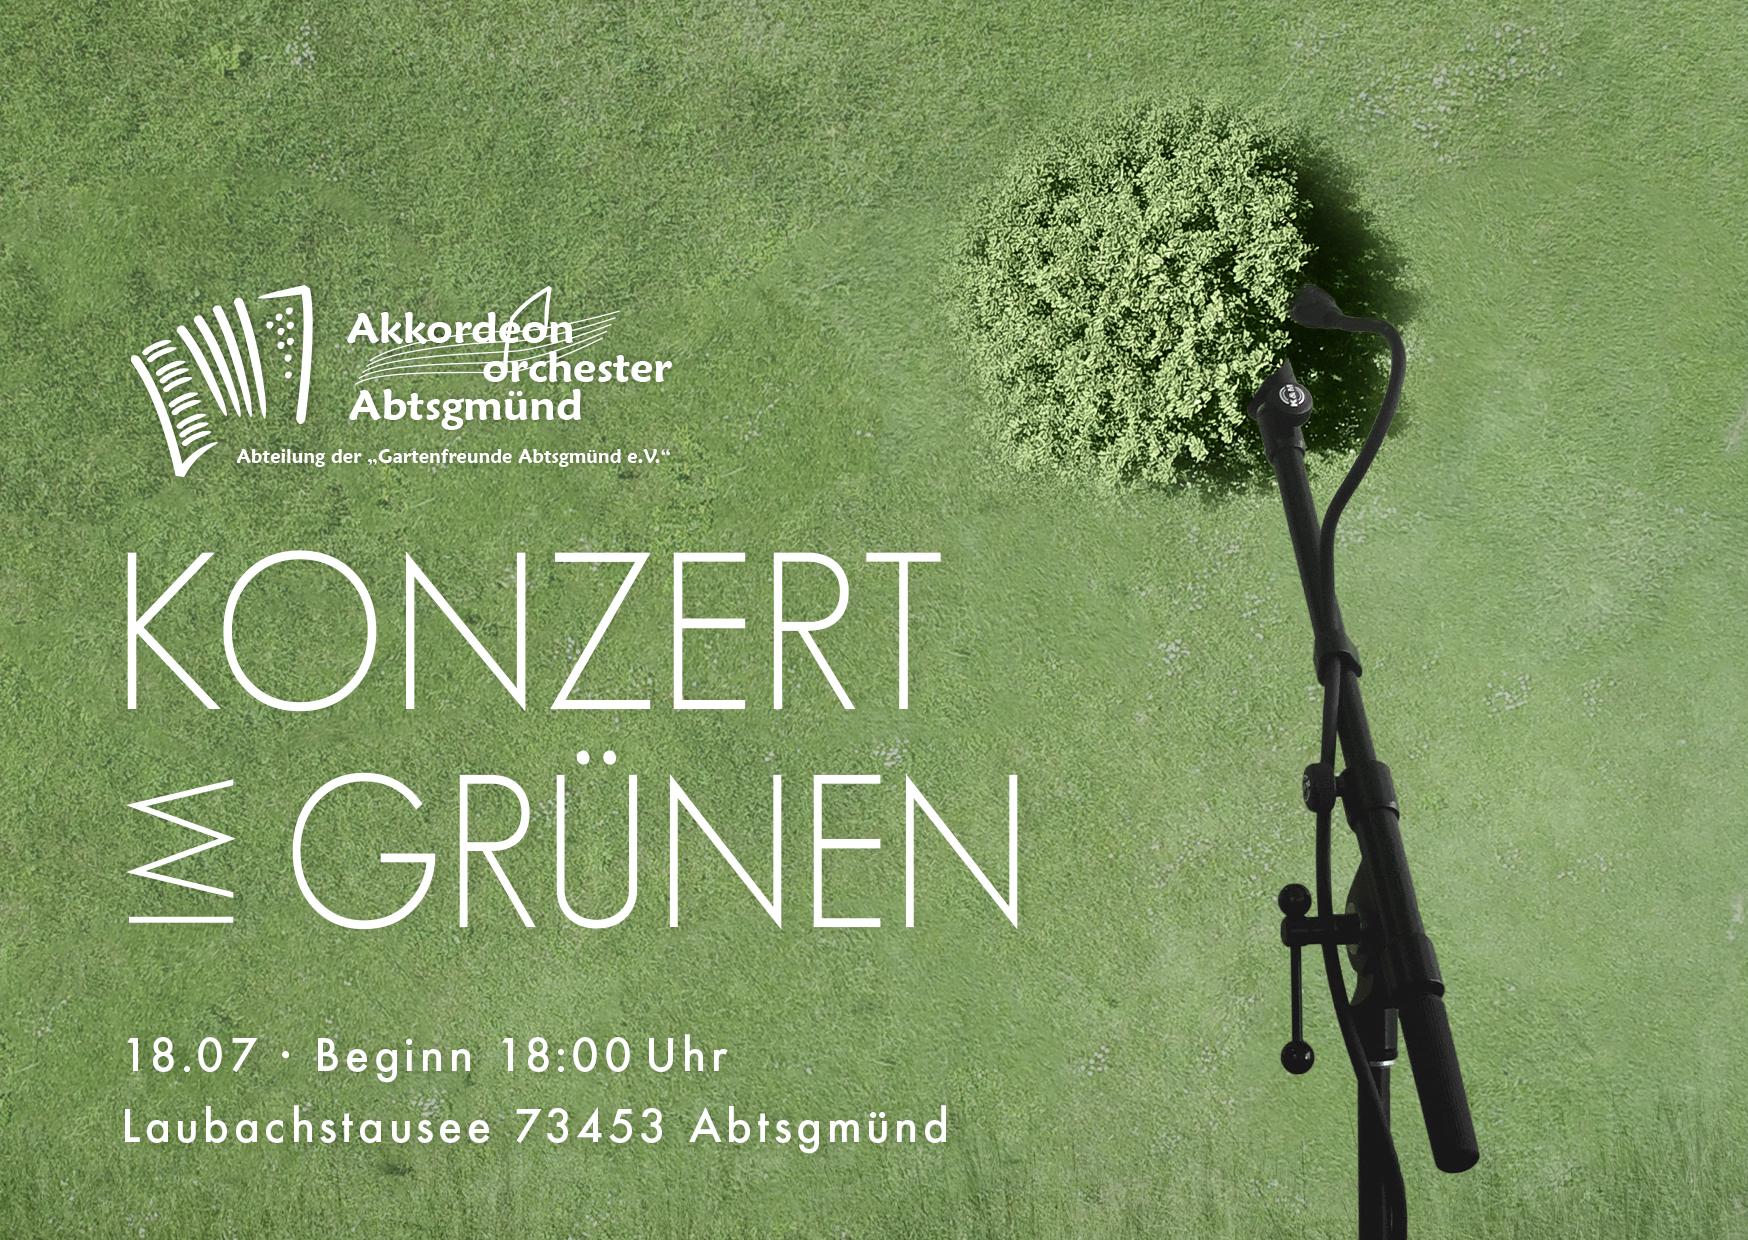 Konzert im Grünen